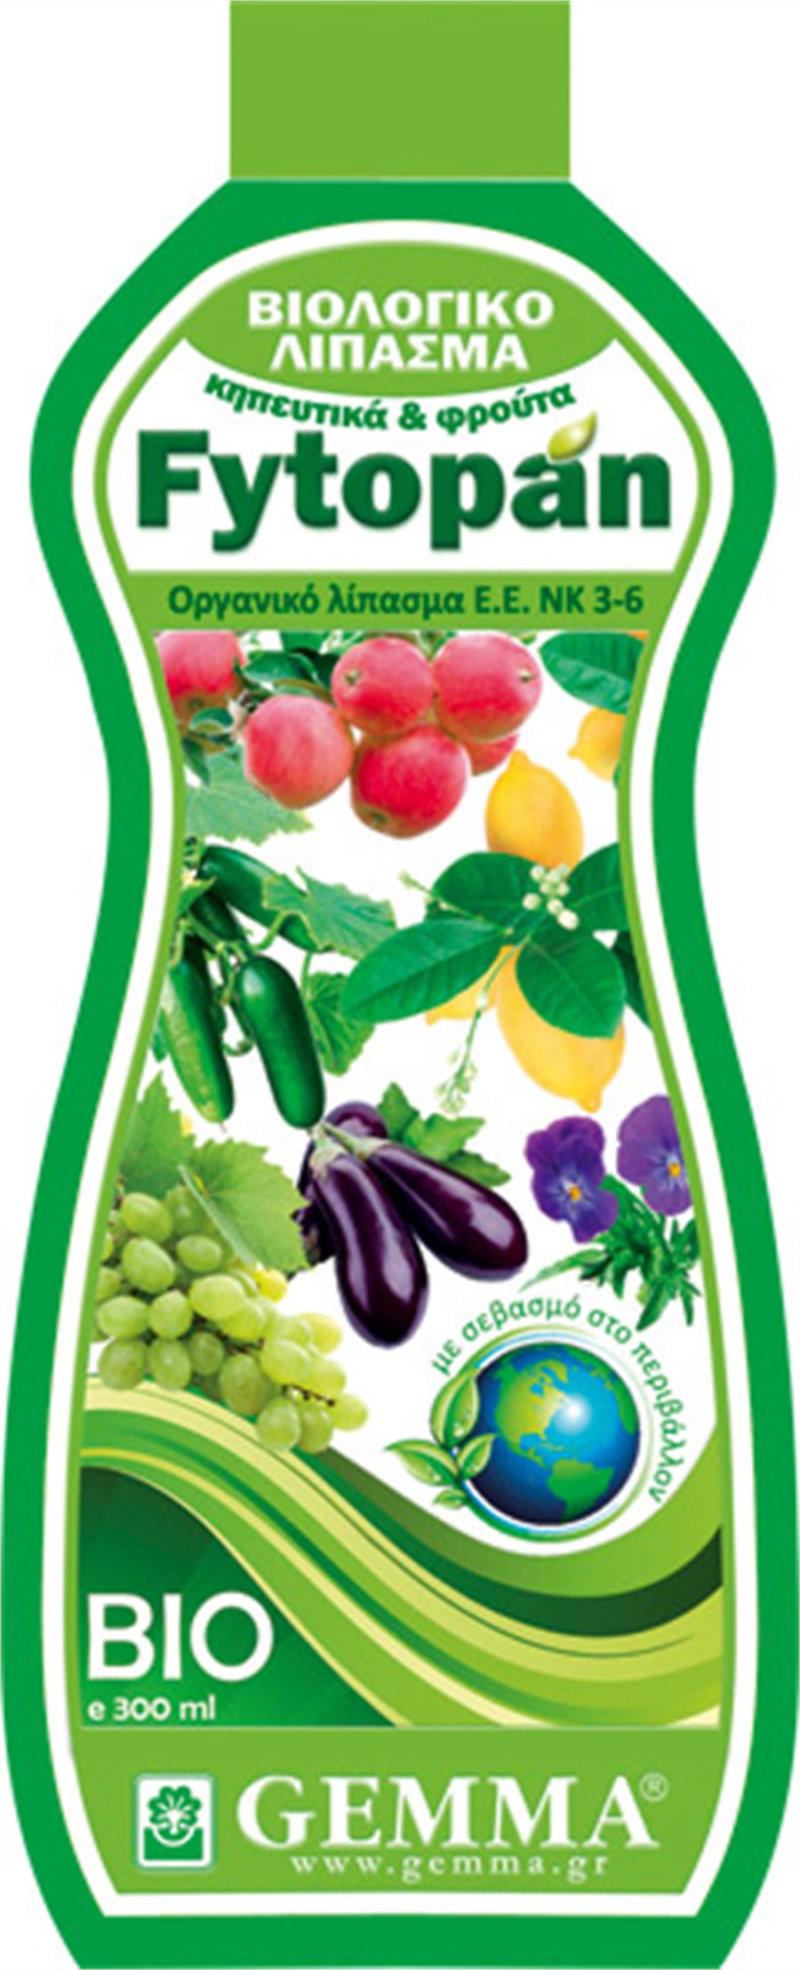 Fytopan Βιολογικό για Κηπευτικά και Φρούτα 300 ml